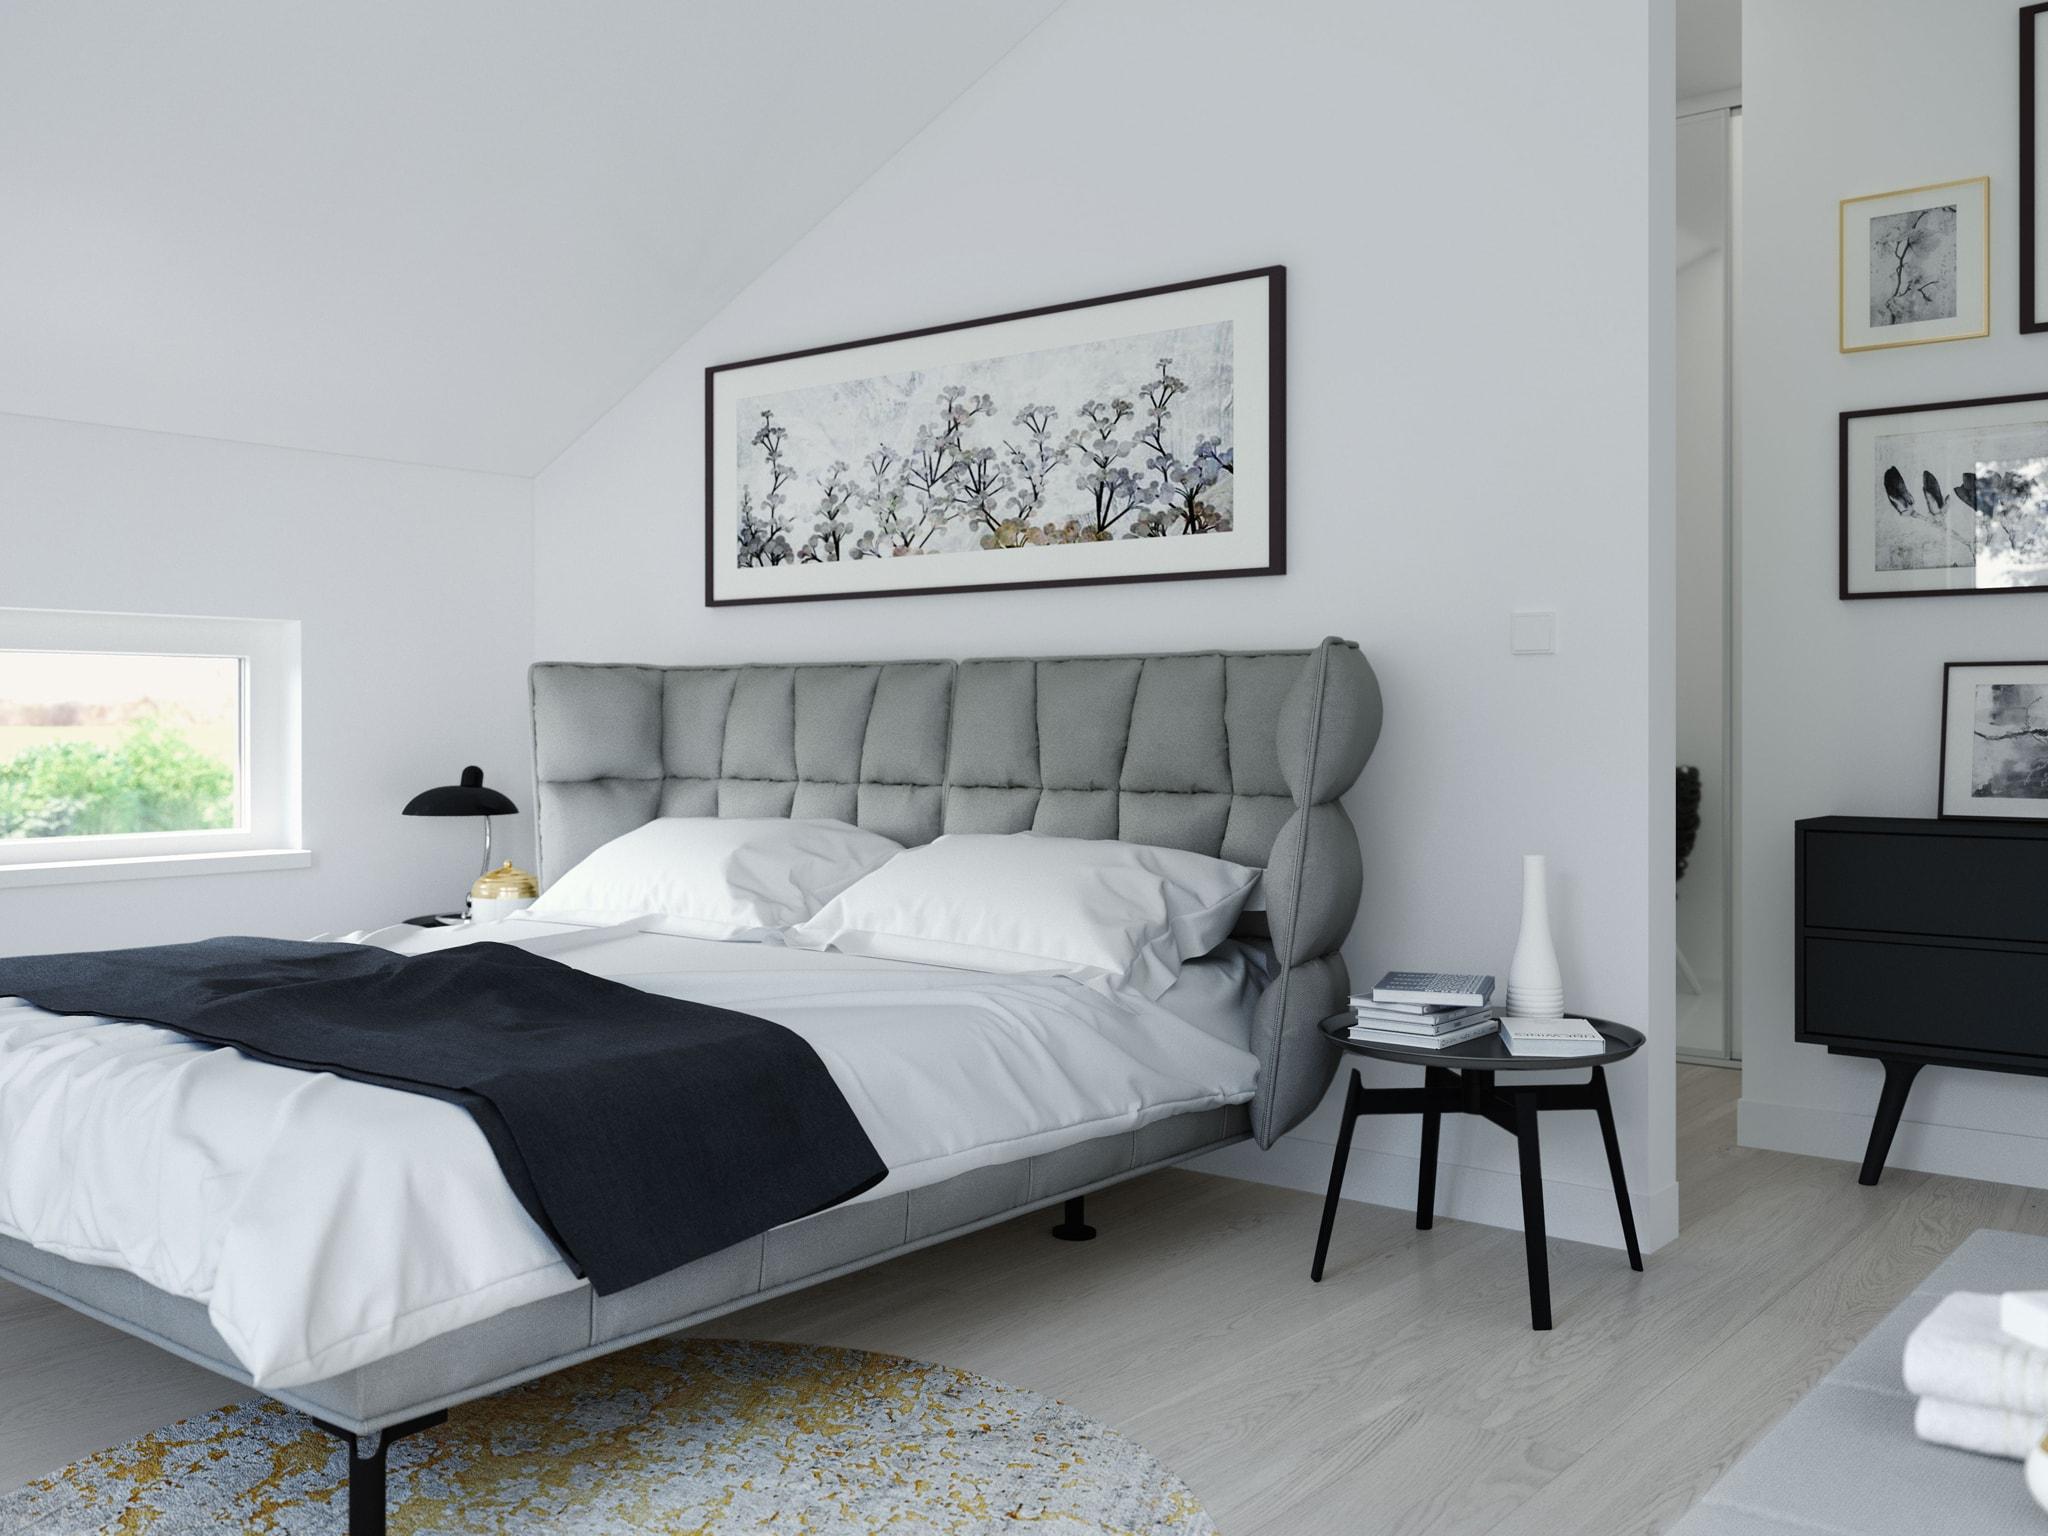 Modernes Schlafzimmer - Ideen Inneneinrichtung Fertighaus SUNSHINE 165 V4 von Living Haus - HausbauDirekt.de